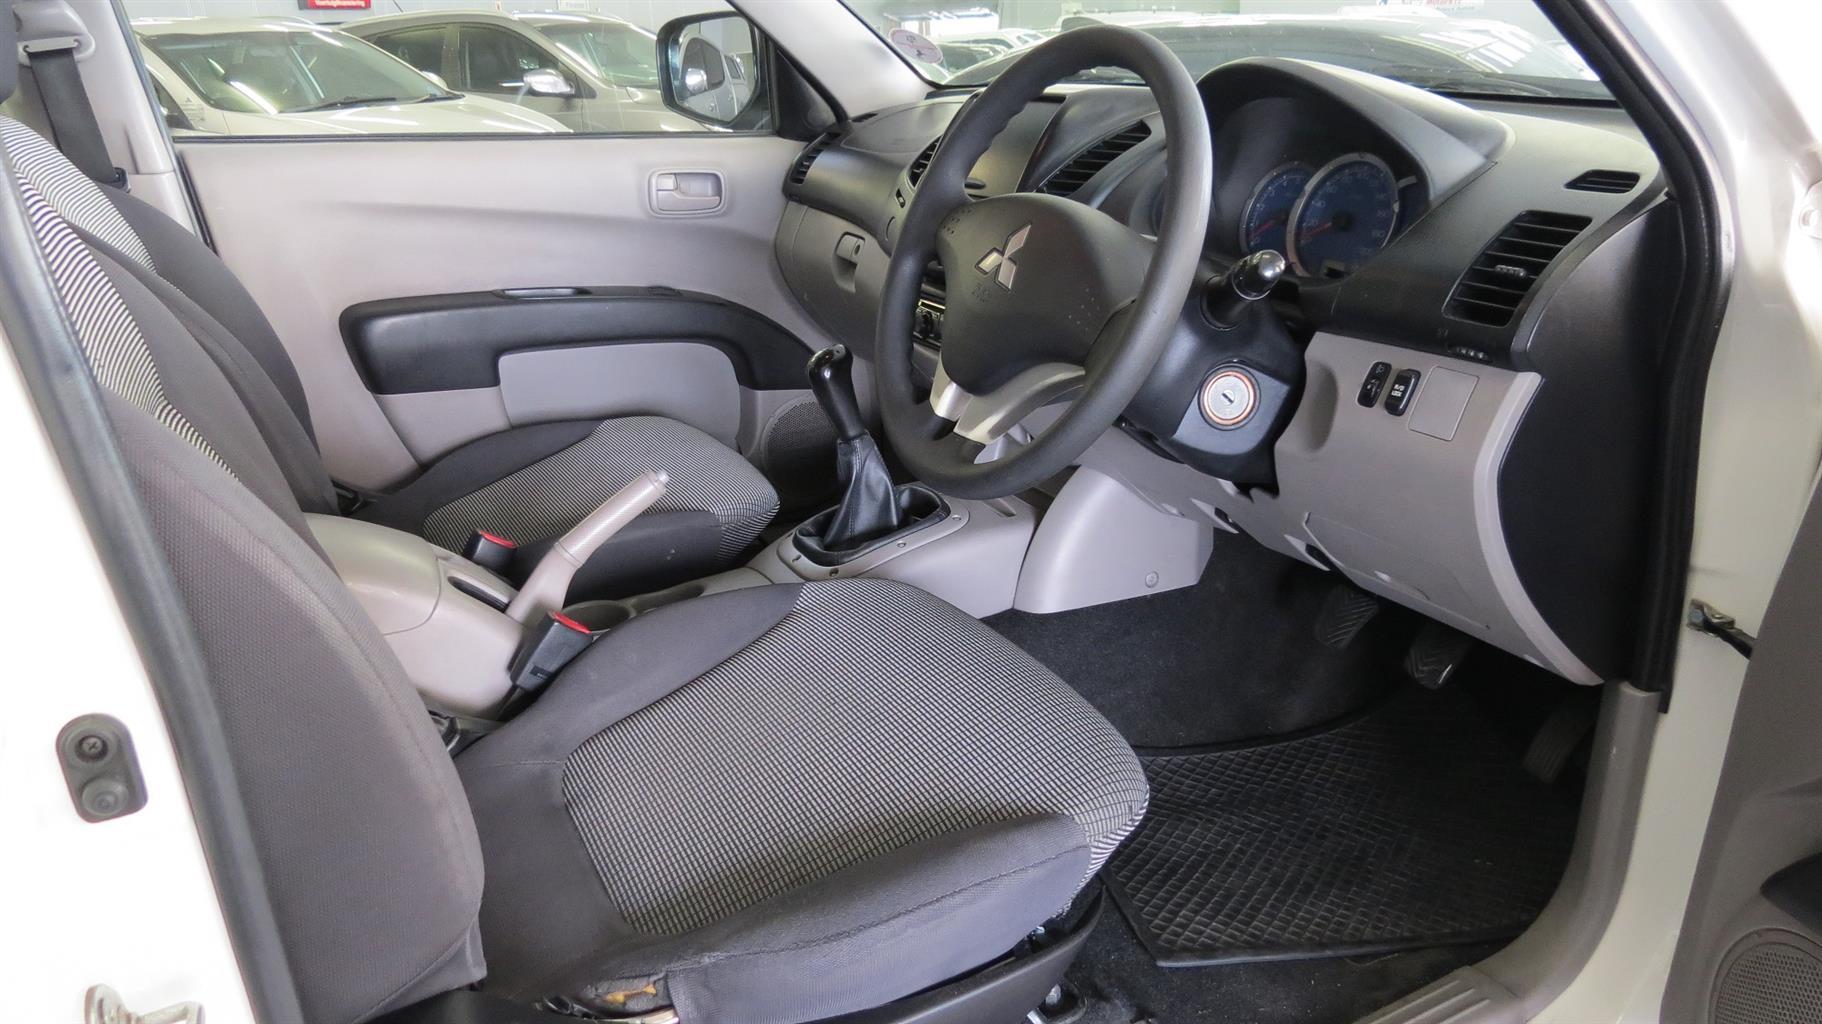 2010 Mitsubishi Triton 2.5DI D ClubCab